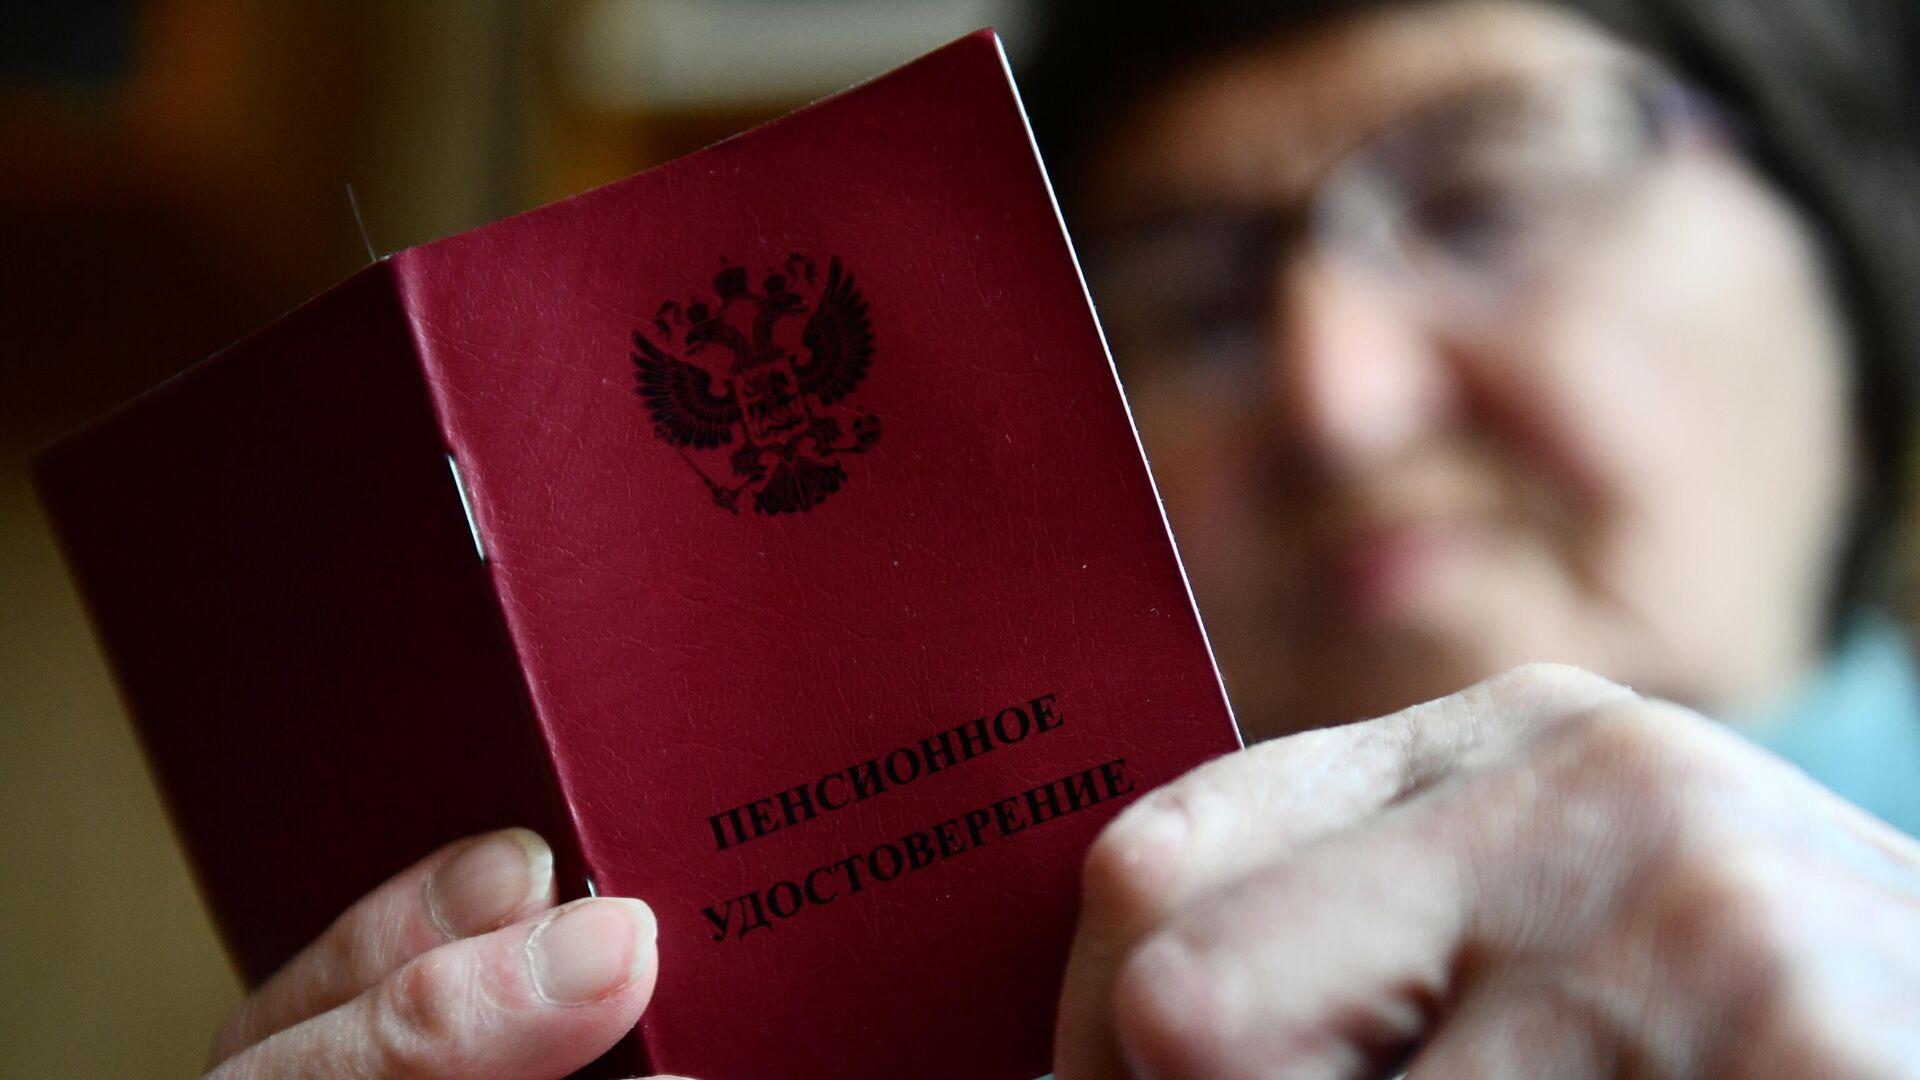 Пенсионное удостоверение - РИА Новости, 1920, 12.03.2021